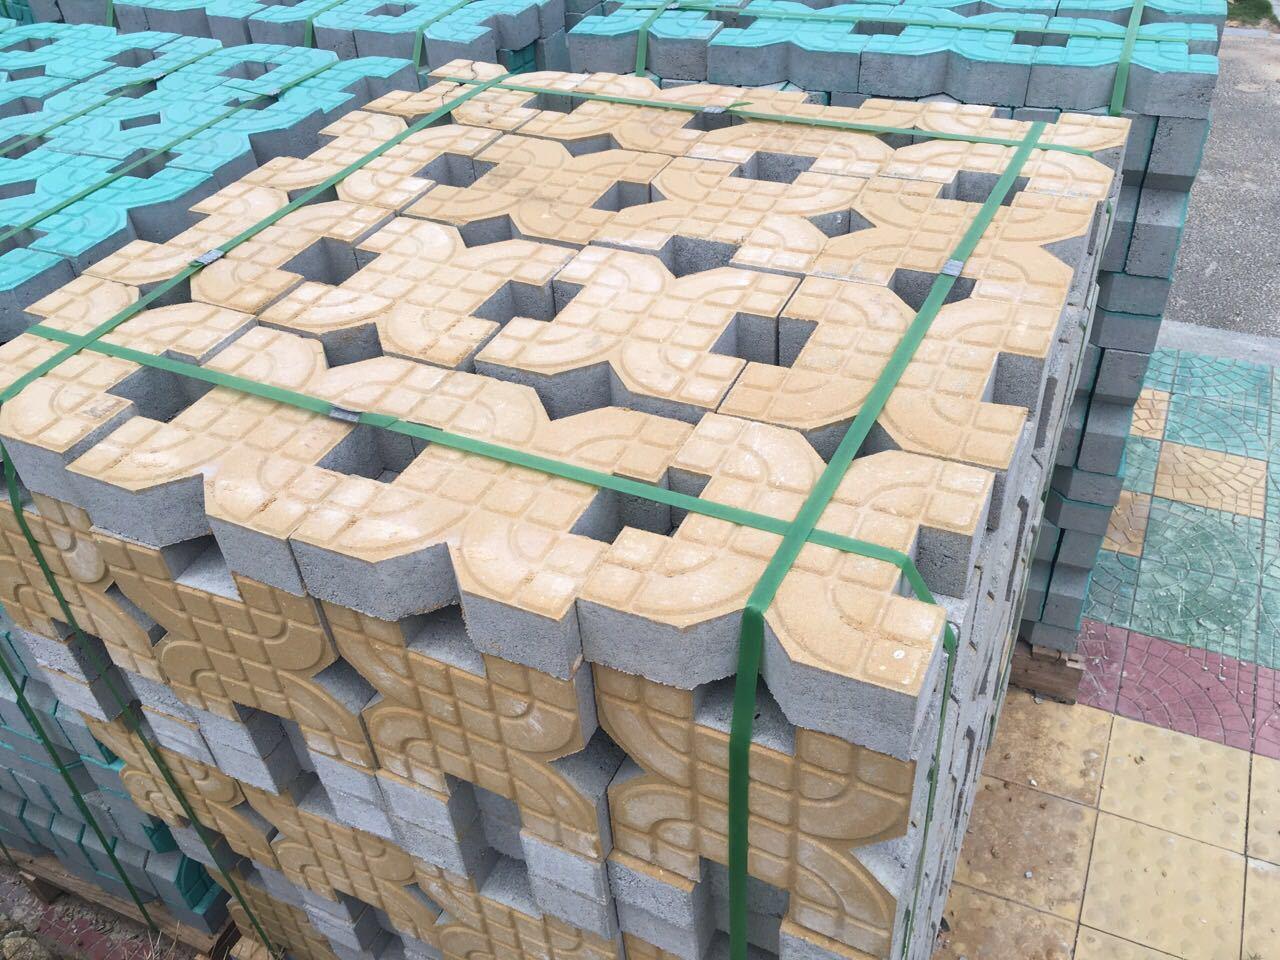 水泥便道砖-水泥便道砖批发-道牙石生产厂家选兰州新区华新厂